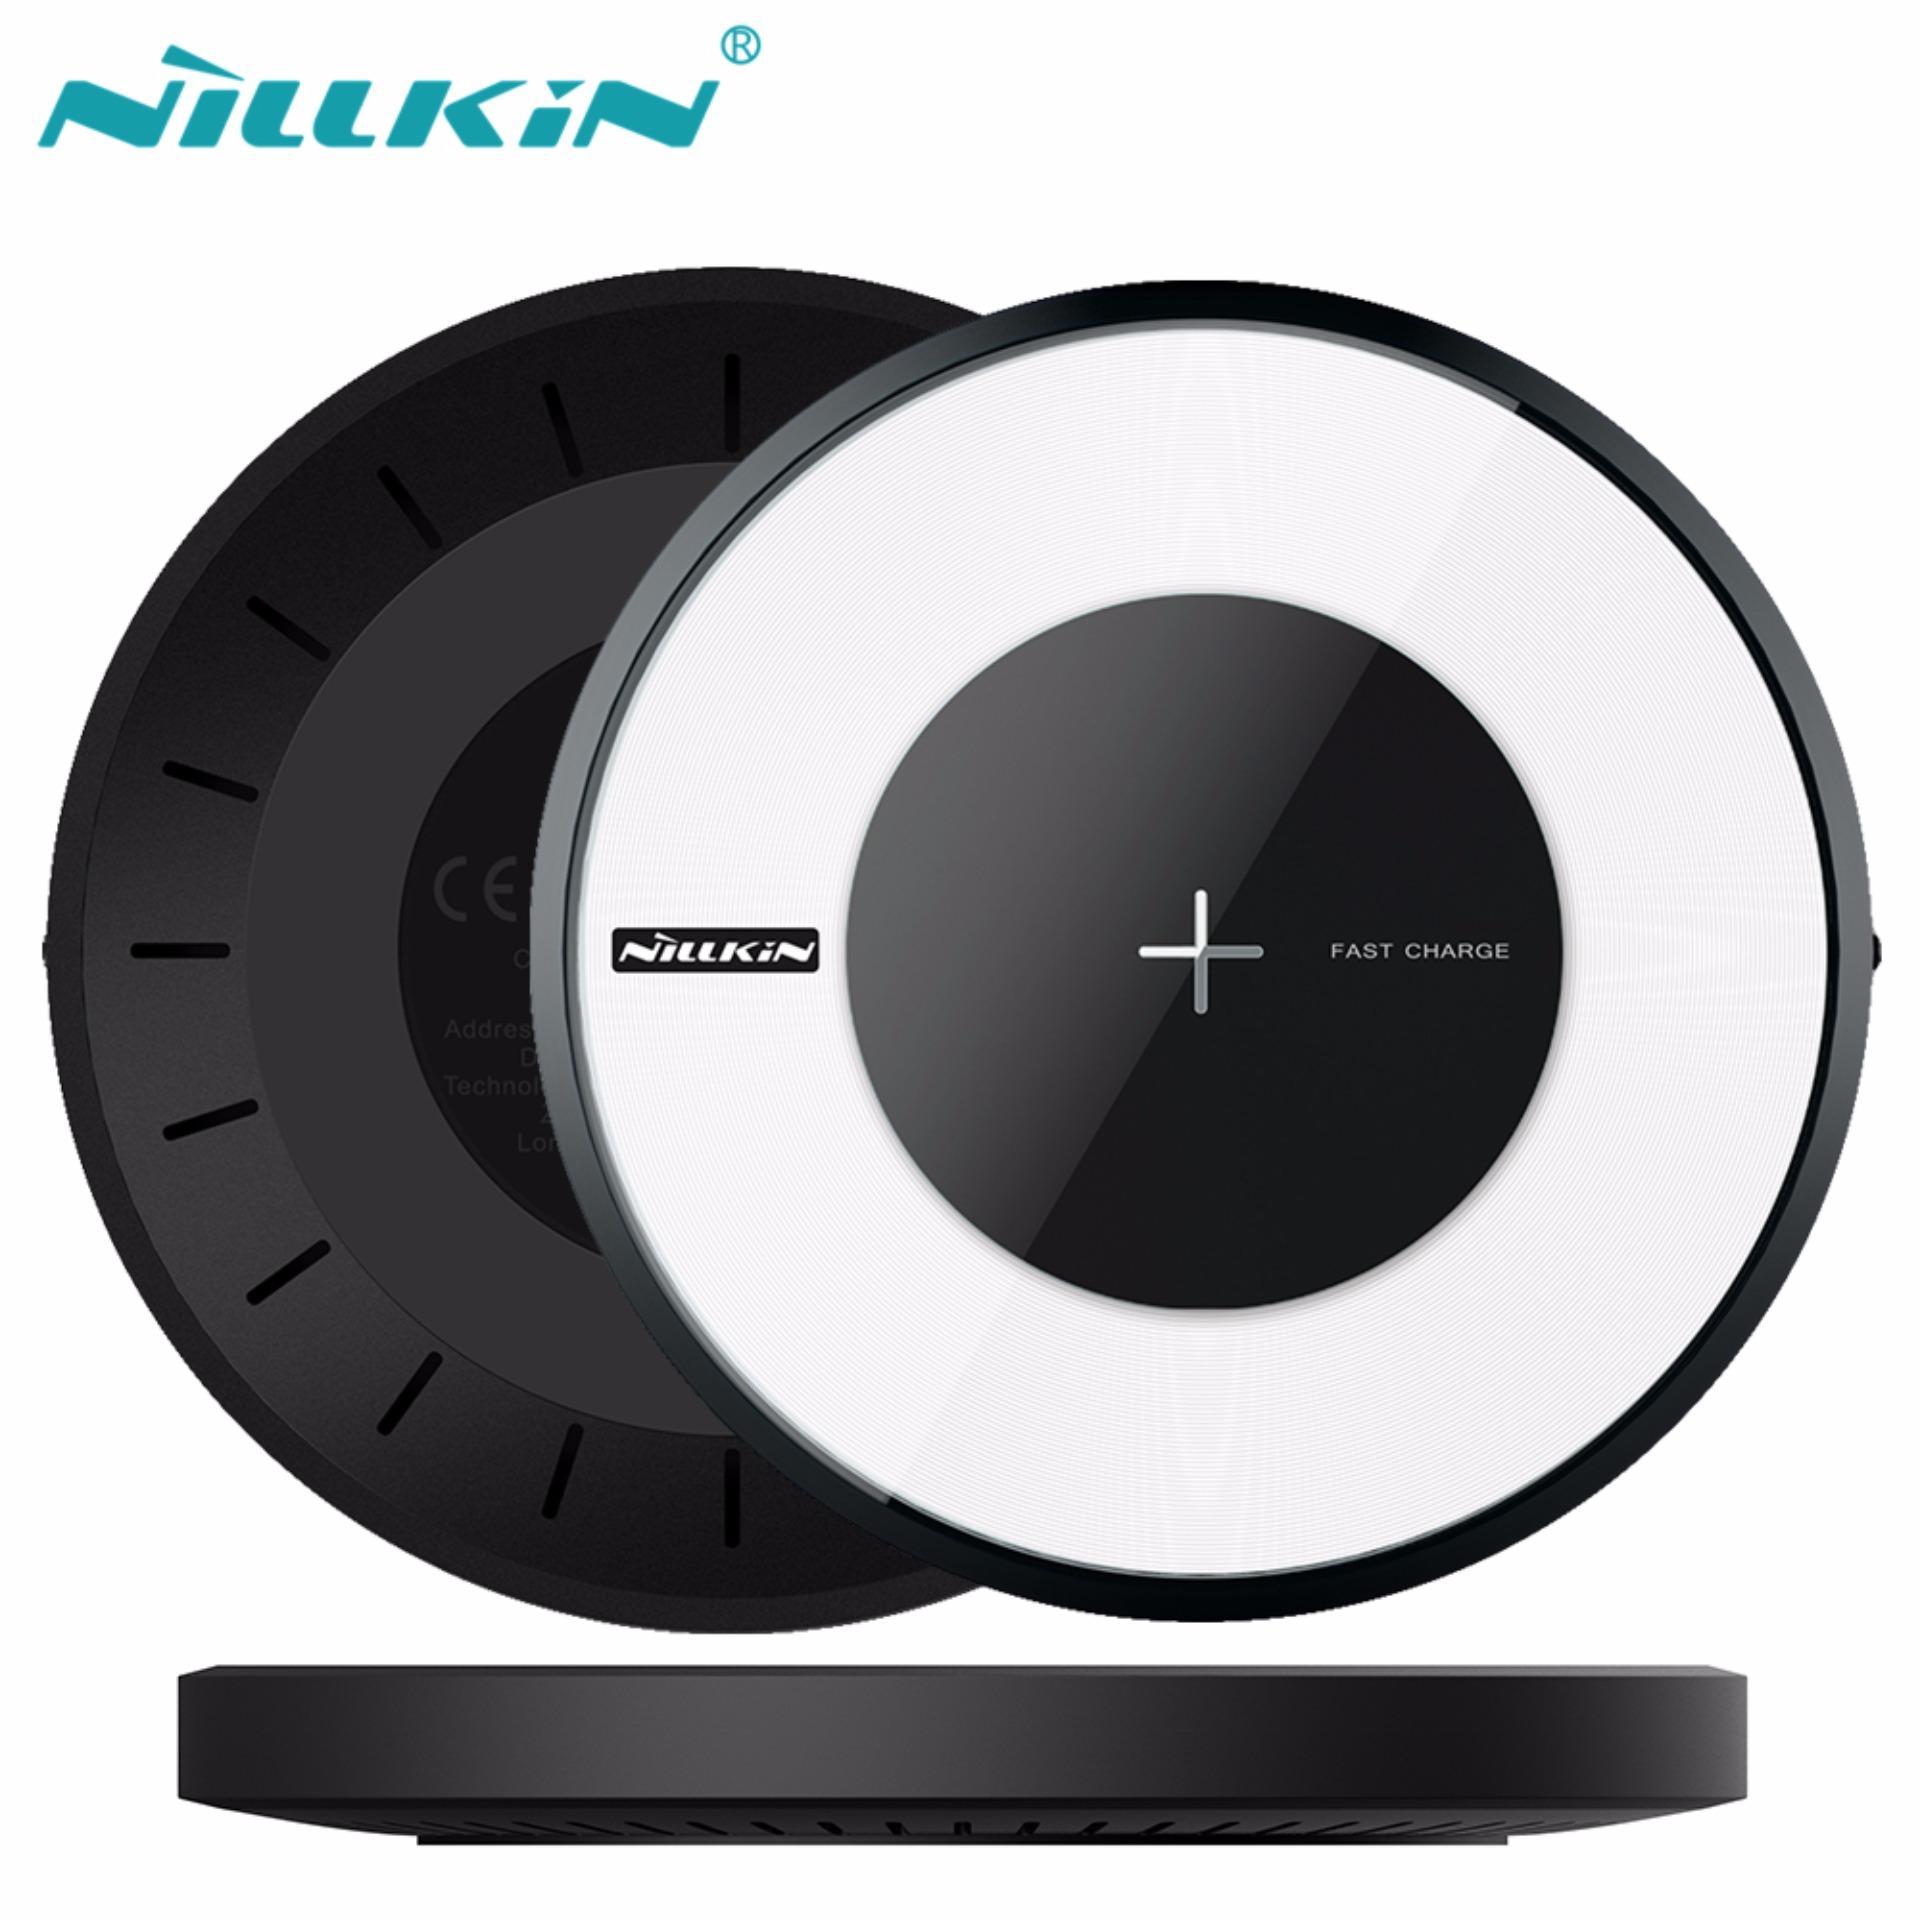 Sạc nhanh không dây Nillkin Magic Disk 4 chuẩn Qi – Nillkin Magic Disk 4 Fast Charger QI Wireless Charger